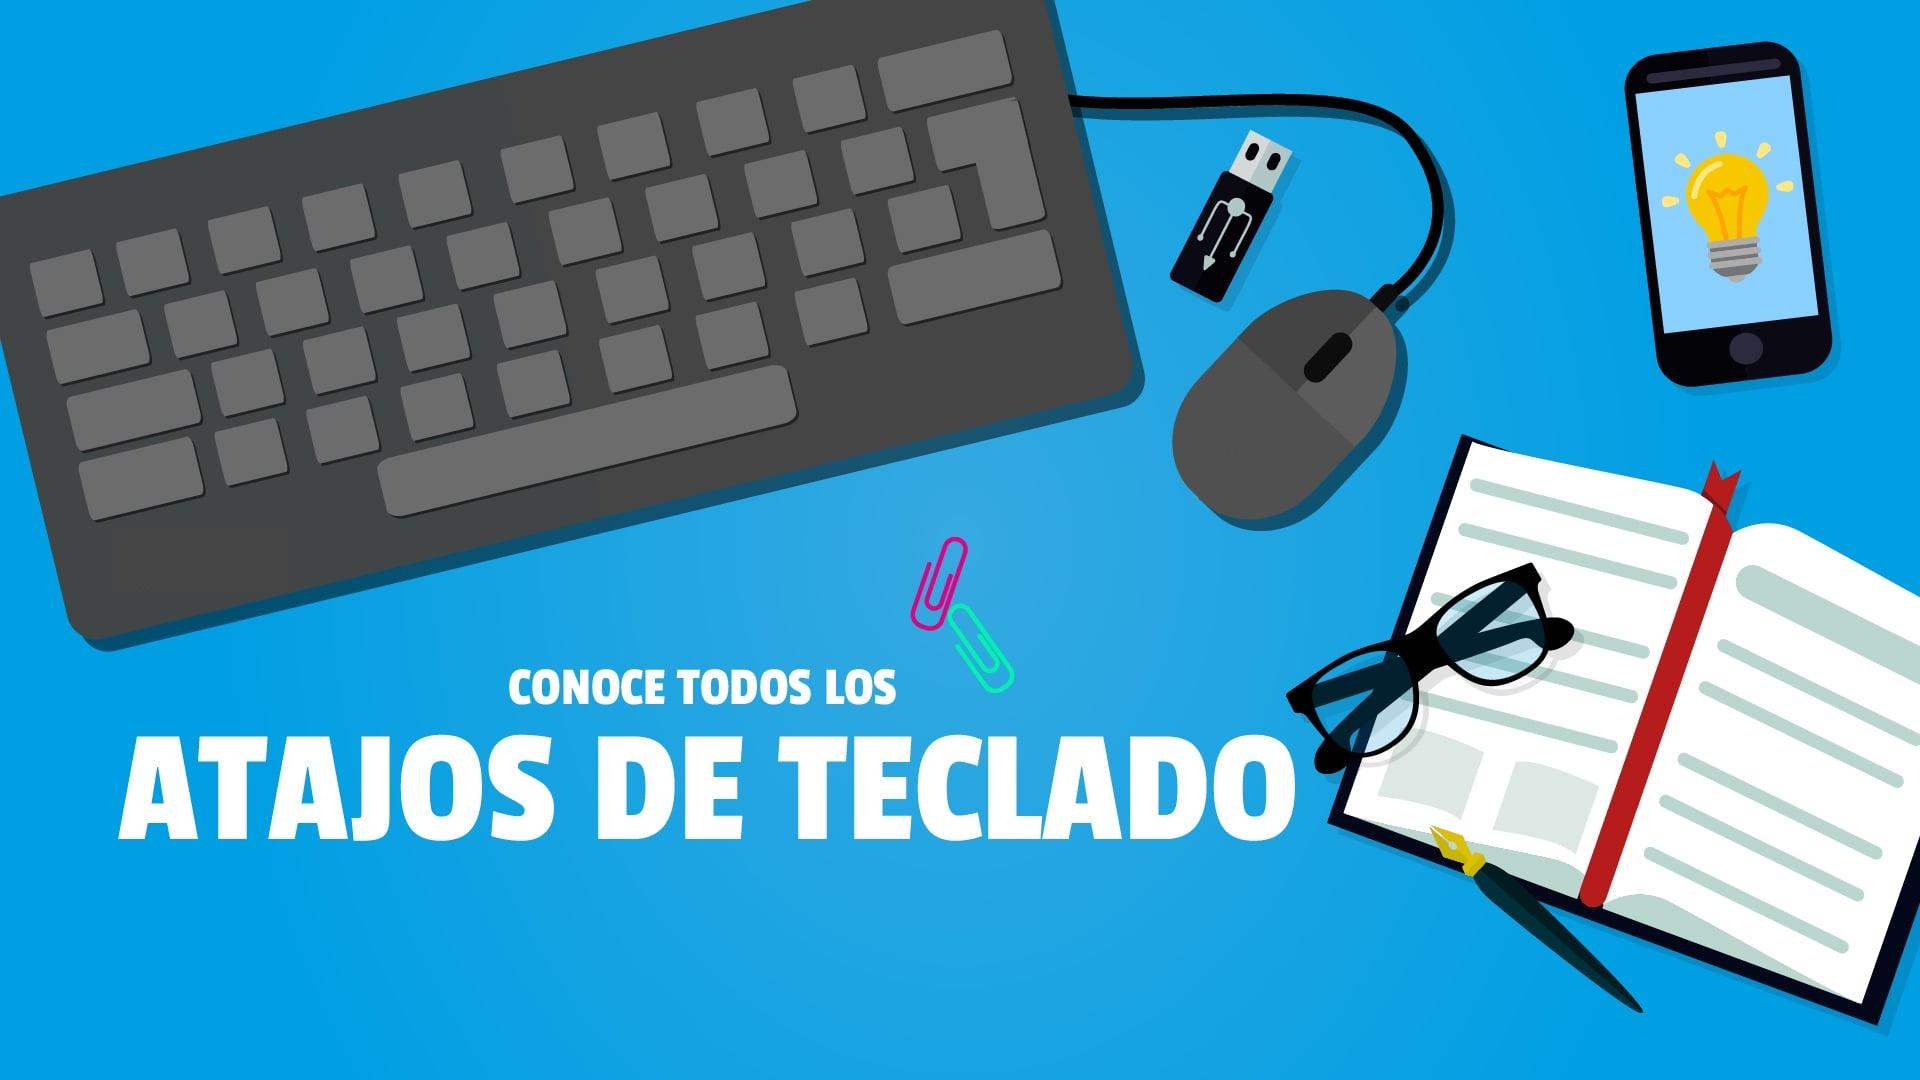 atajos de teclado word exel windows